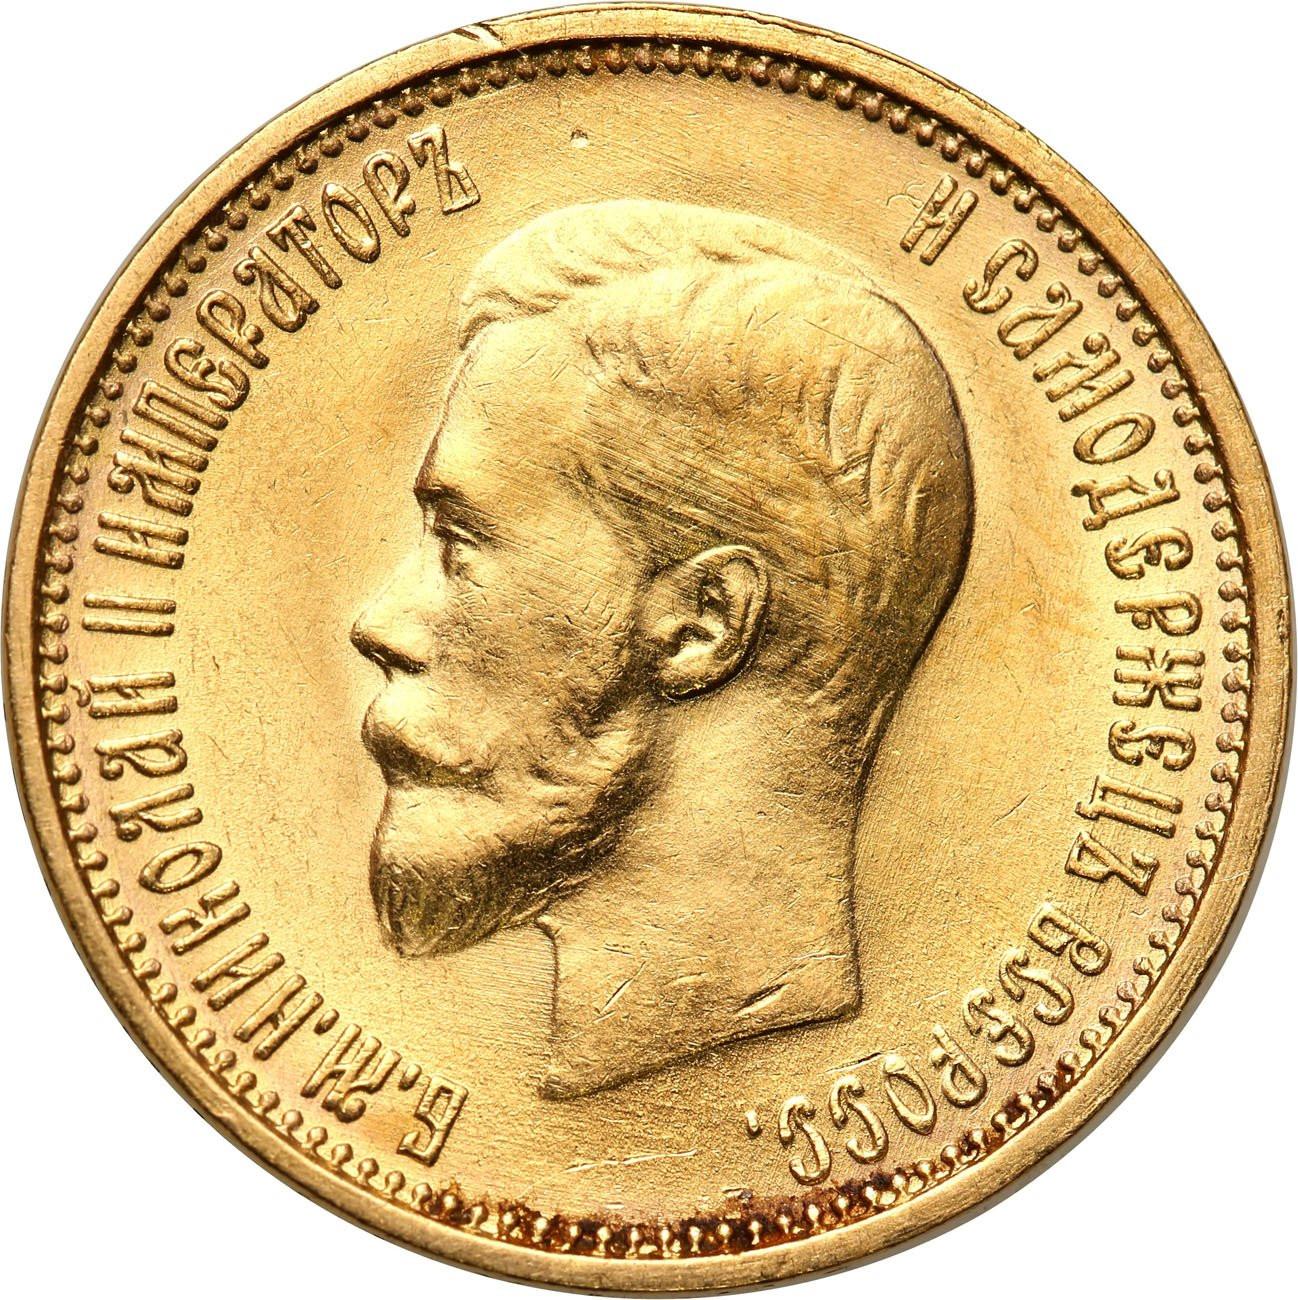 Rosja. Mikołaj II. 10 rubli 1899 АГ, Petersburg